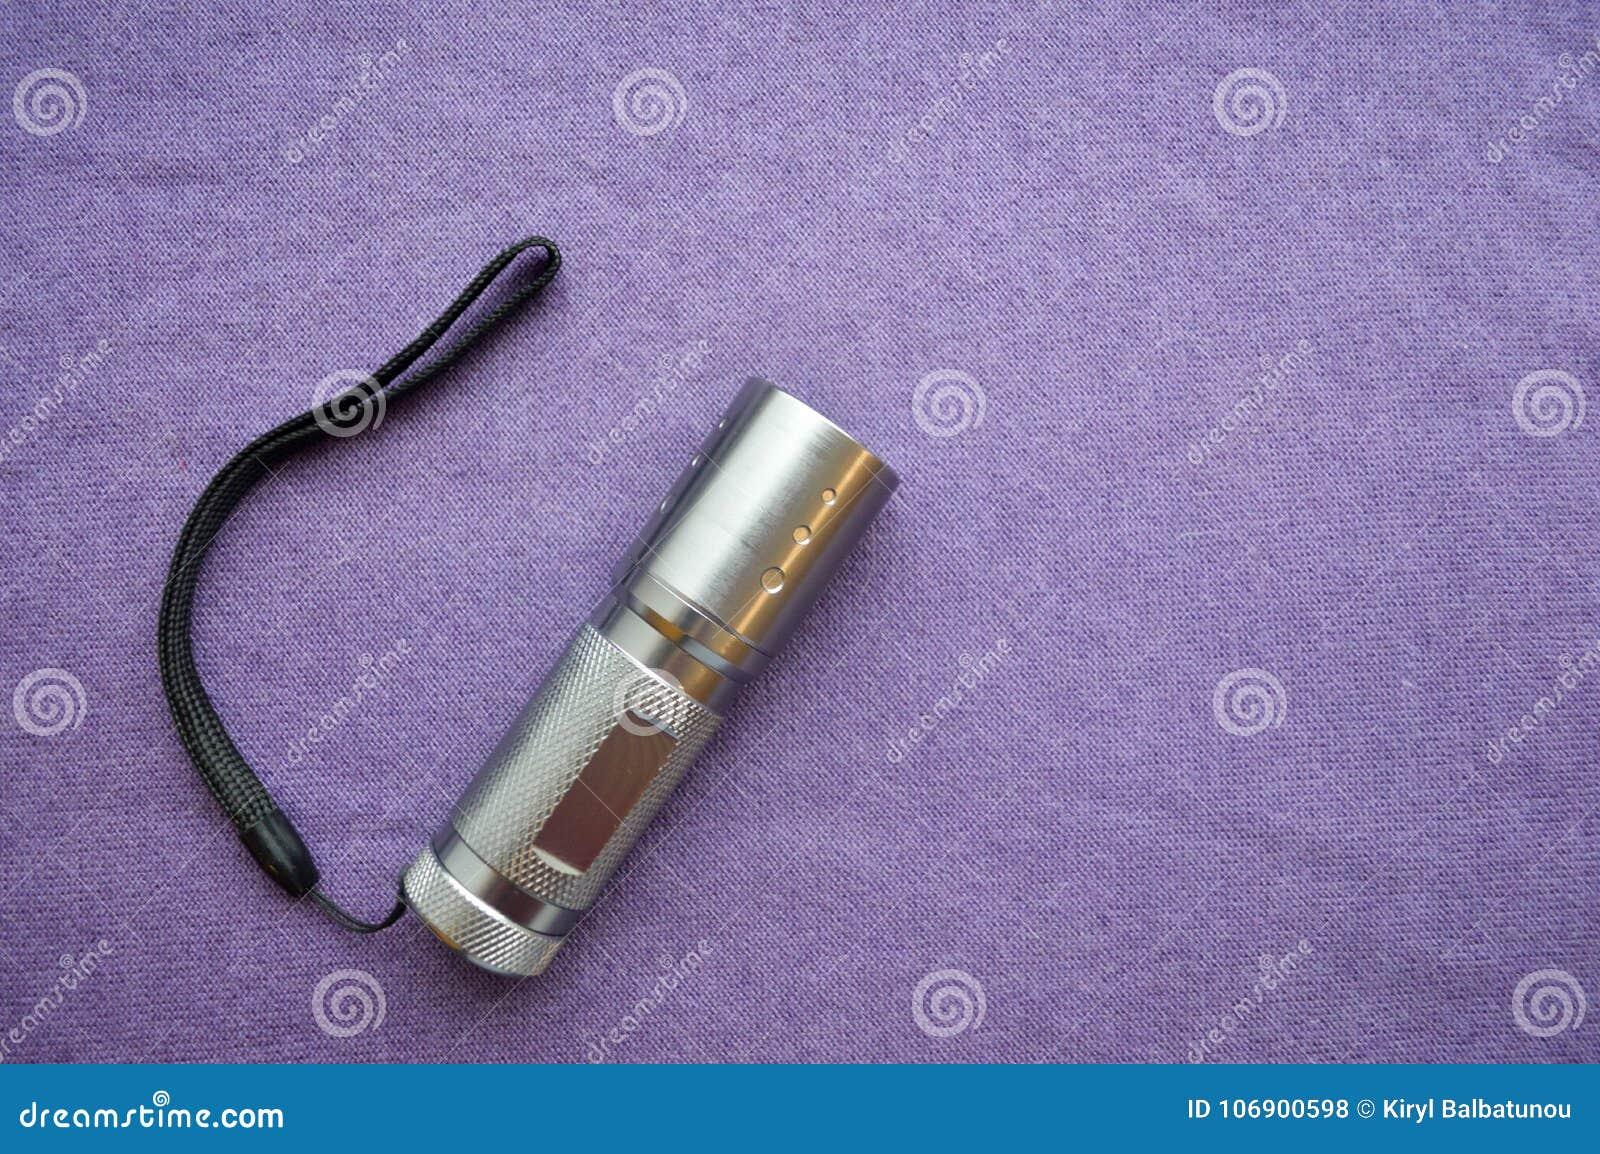 Kruszcowy, błyszczący, robi stal nierdzewna PROWADZIŁ ręki latarkę